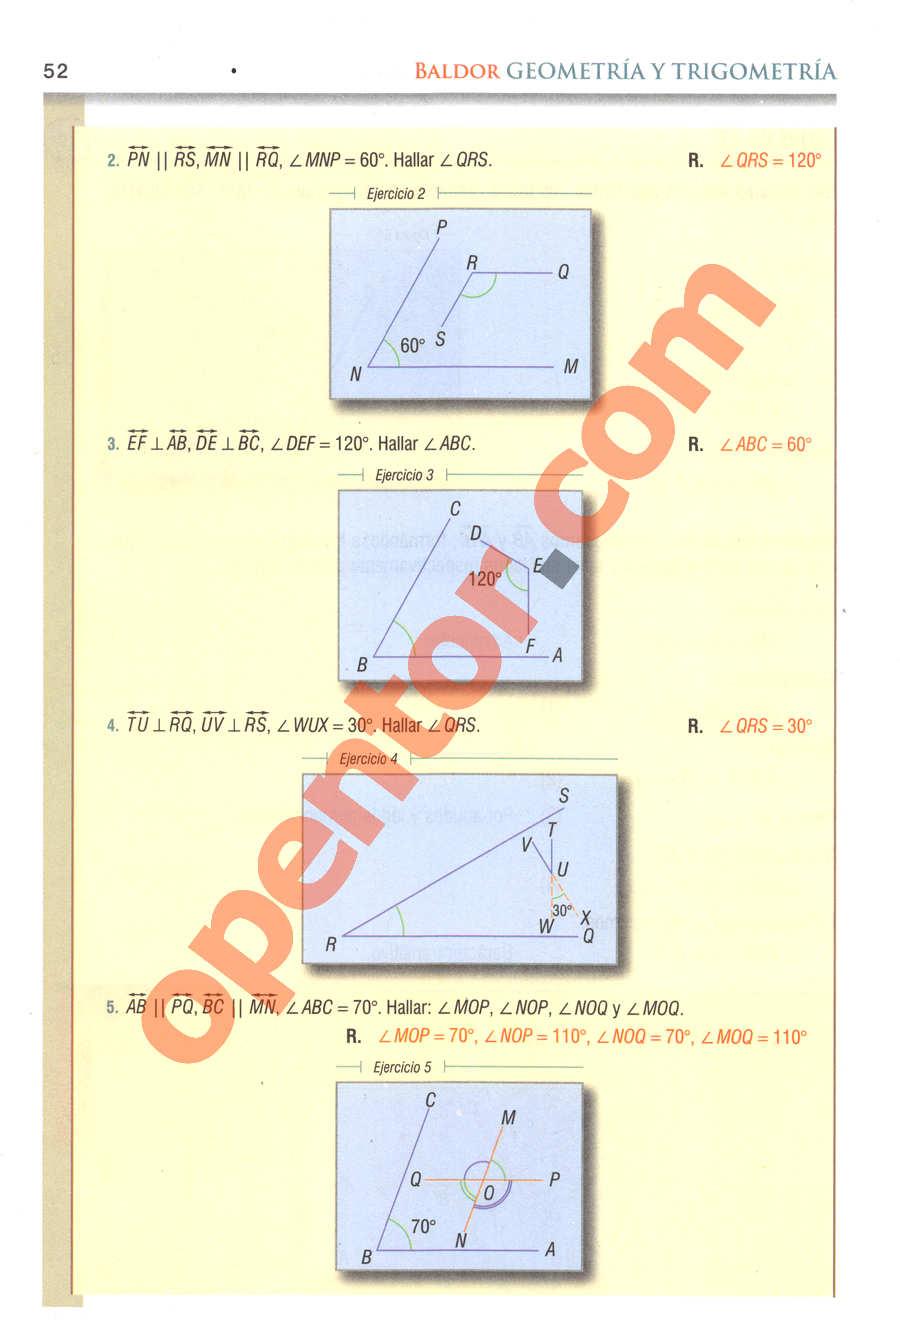 Geometría y Trigonometría de Baldor - Página 52